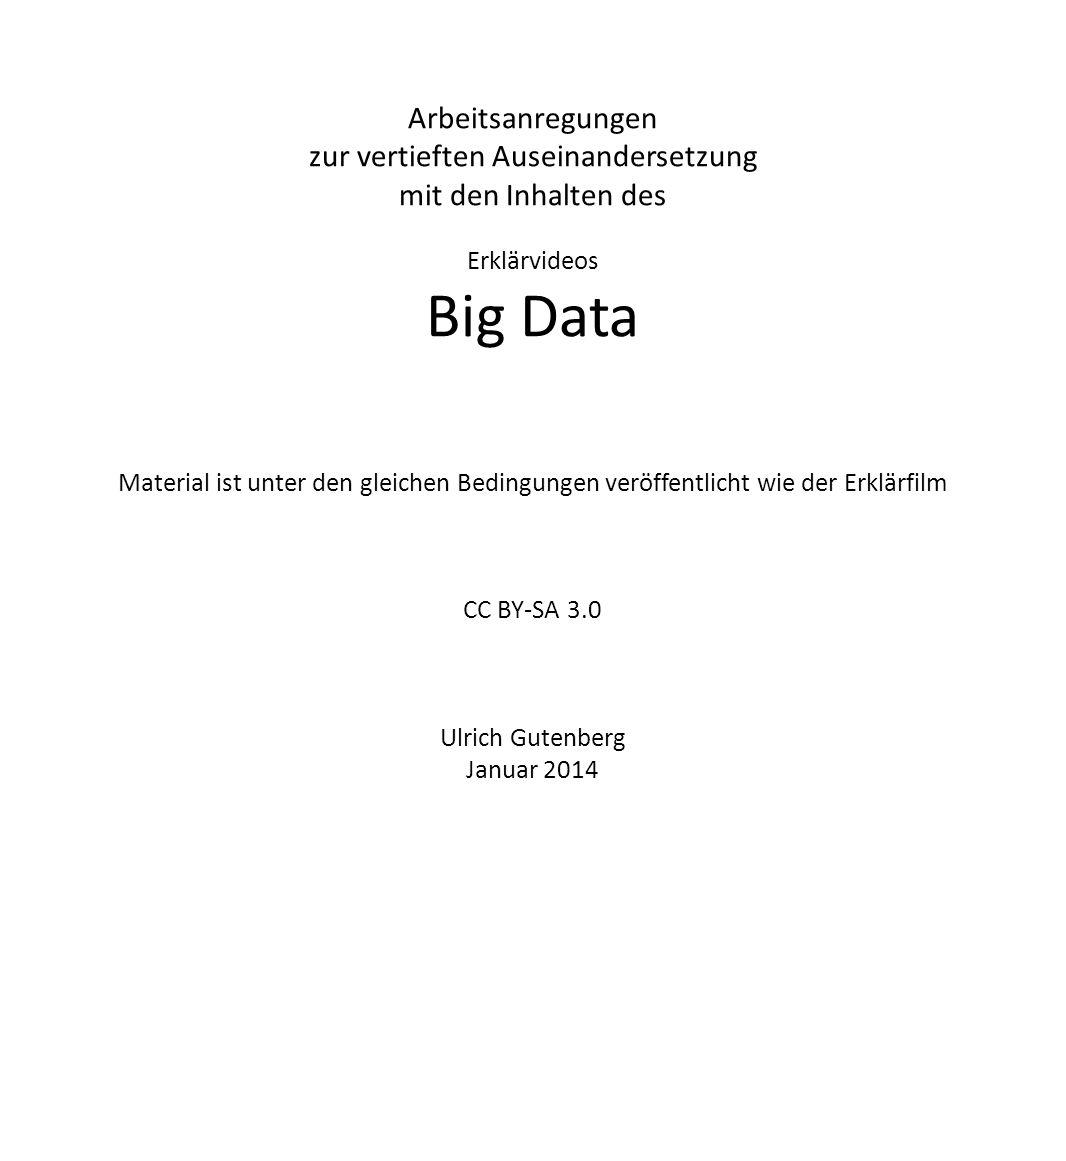 Einführung Die Erklär-Experten haben aus ihrem YouTube-Kanal bei Wikipedia zu dem Begriff Big Data ein Erklärvideo unter der Lizenz CC BY-SA 3.0 zur Nutzung gestellt.